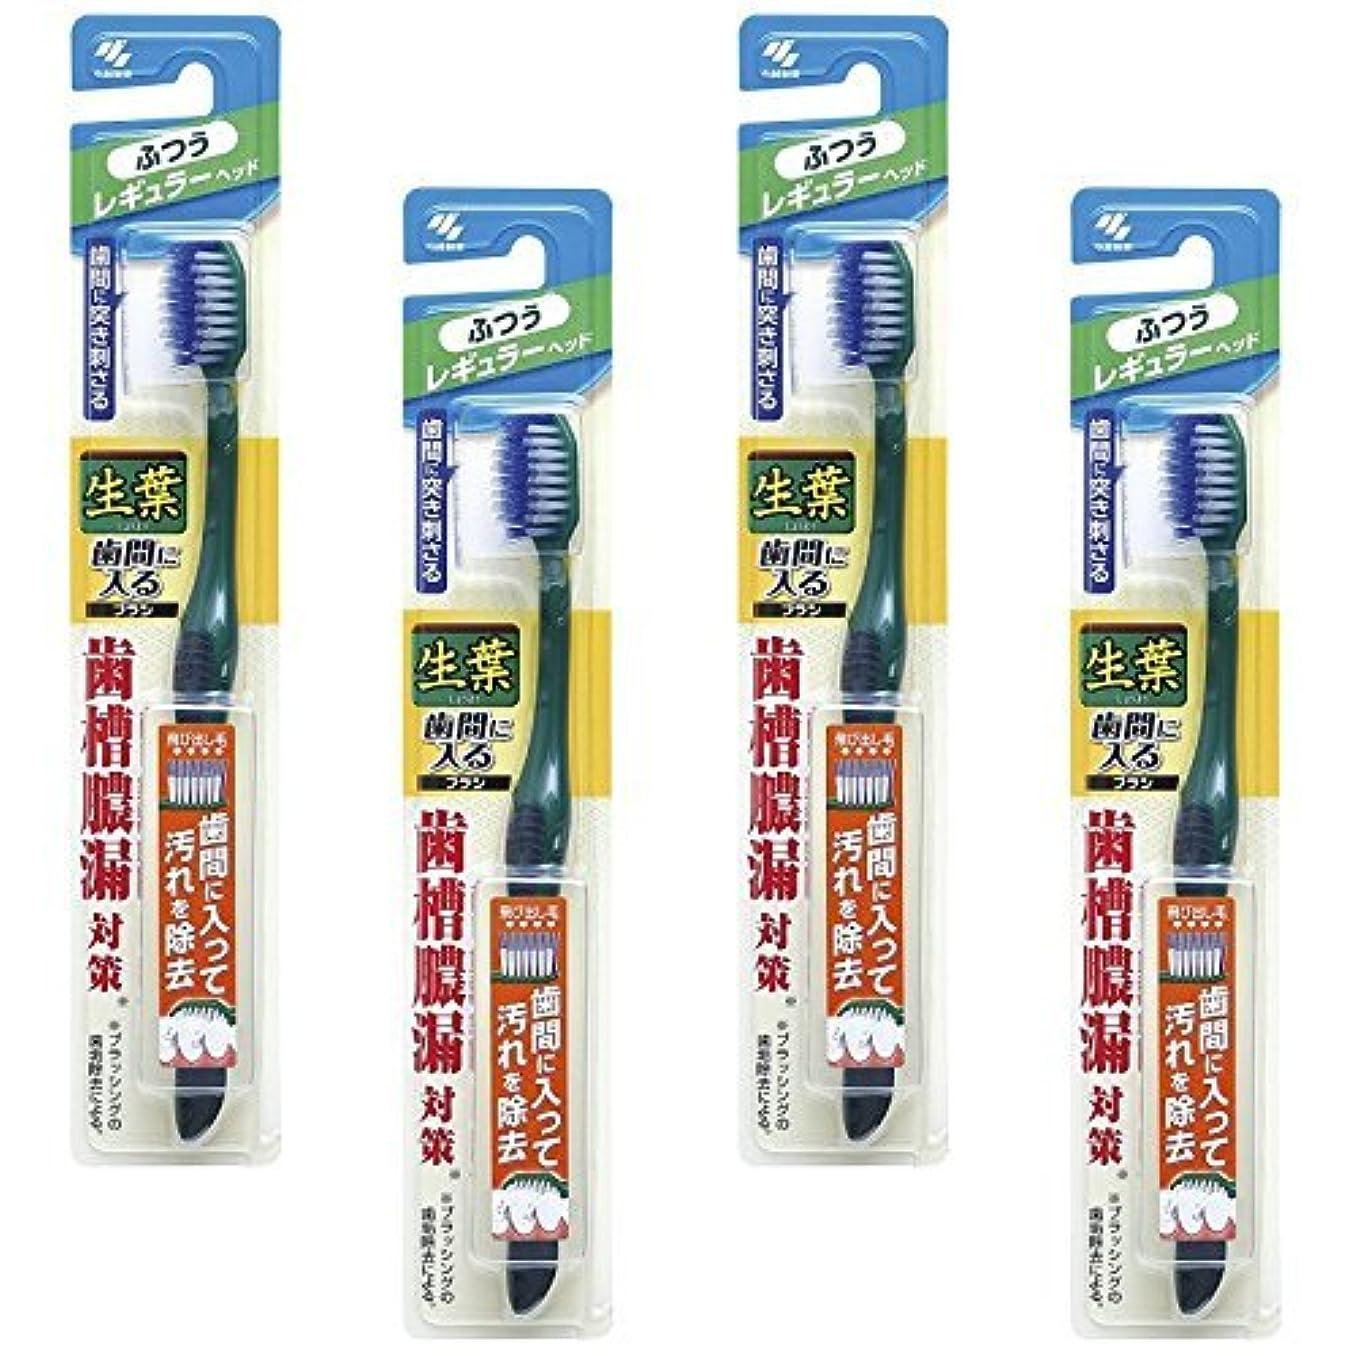 必須急行するケイ素【まとめ買い】生葉(しょうよう)歯間に入るブラシ 歯ブラシ レギュラー ふつう ×4個